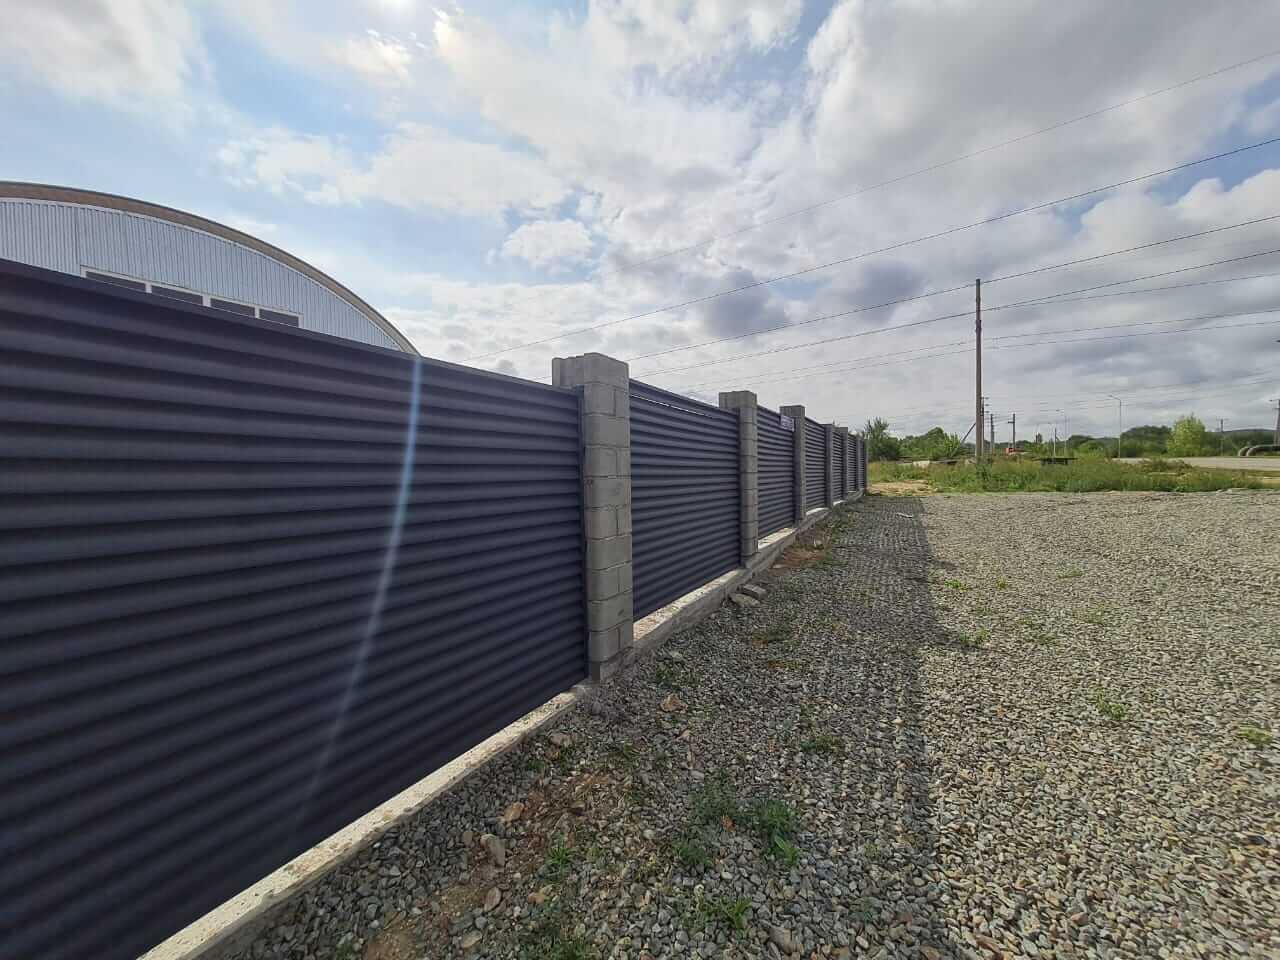 забор-жалюзи серый графит матовый фото4